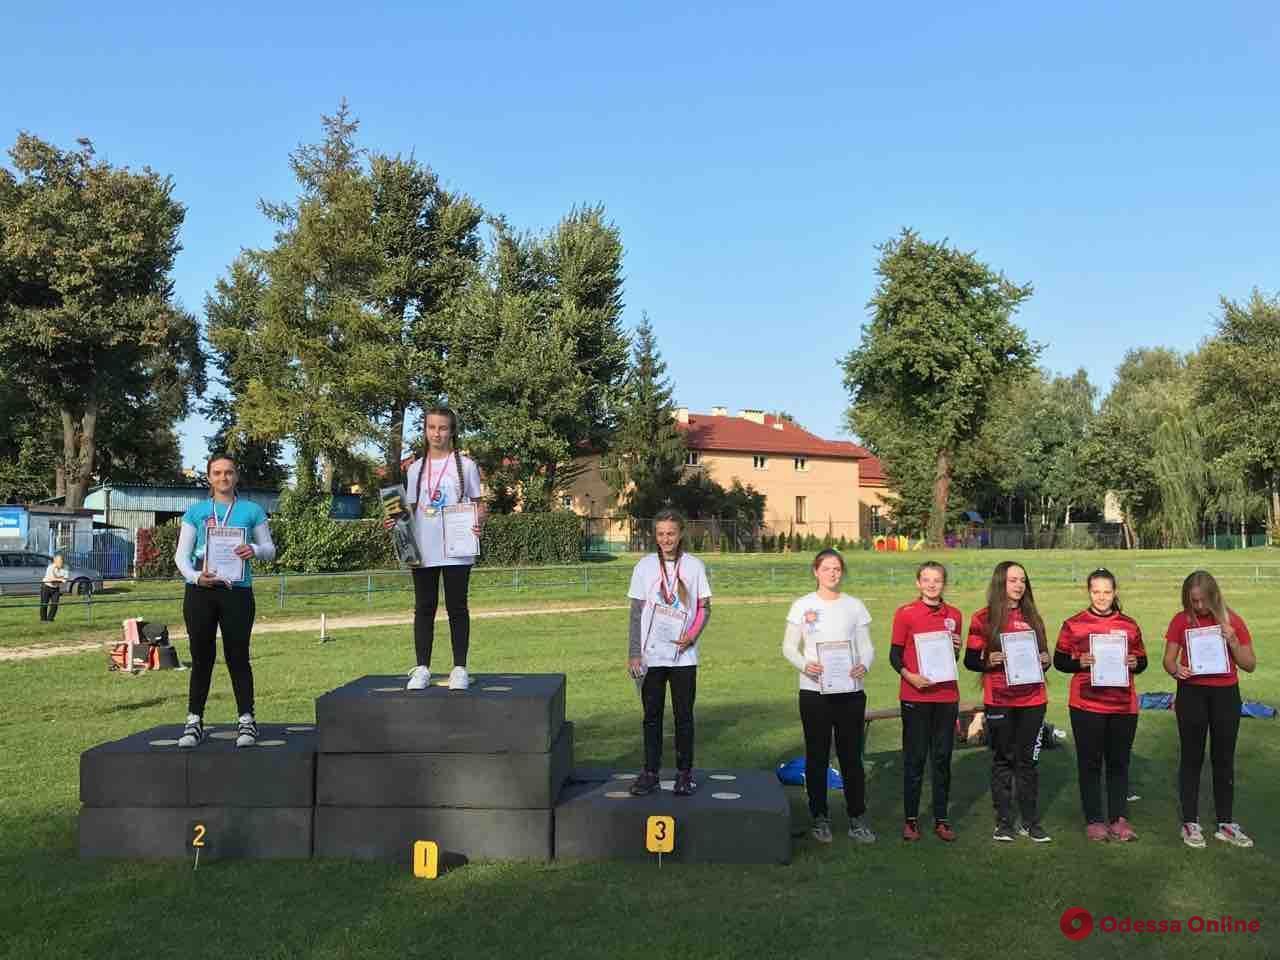 Стрельба из лука: одесситка заняла призовое место в международном турнире в Польше